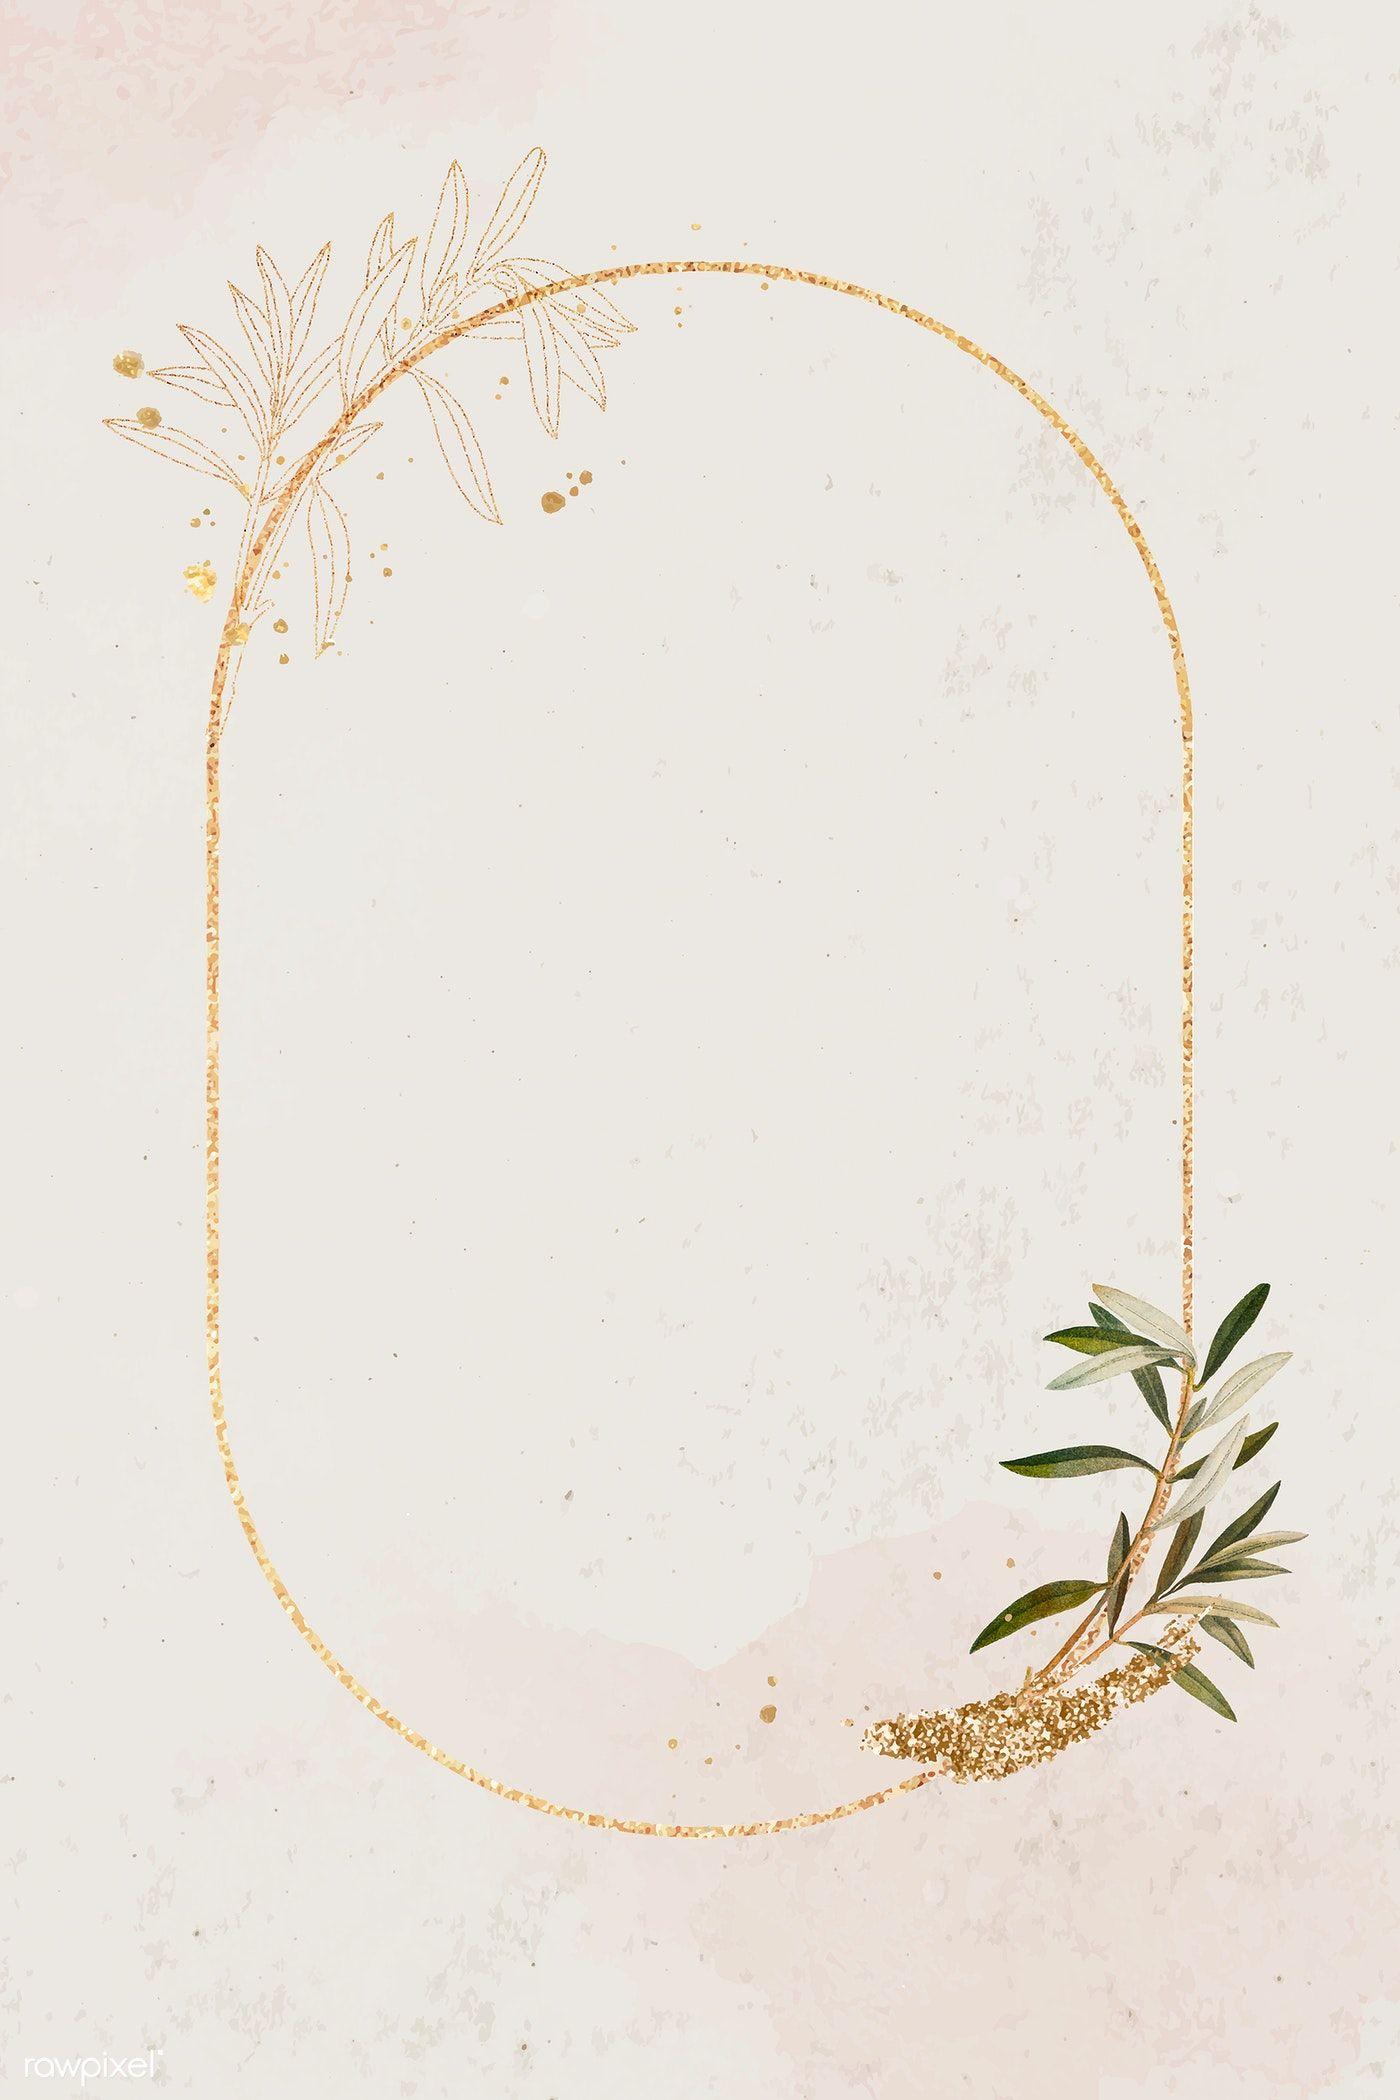 Oval Gold Frame With Olive Branch Template Vector Premium Image By Rawpixel Com Ningzk V Gold Frame Olive Branch Floral Border Design